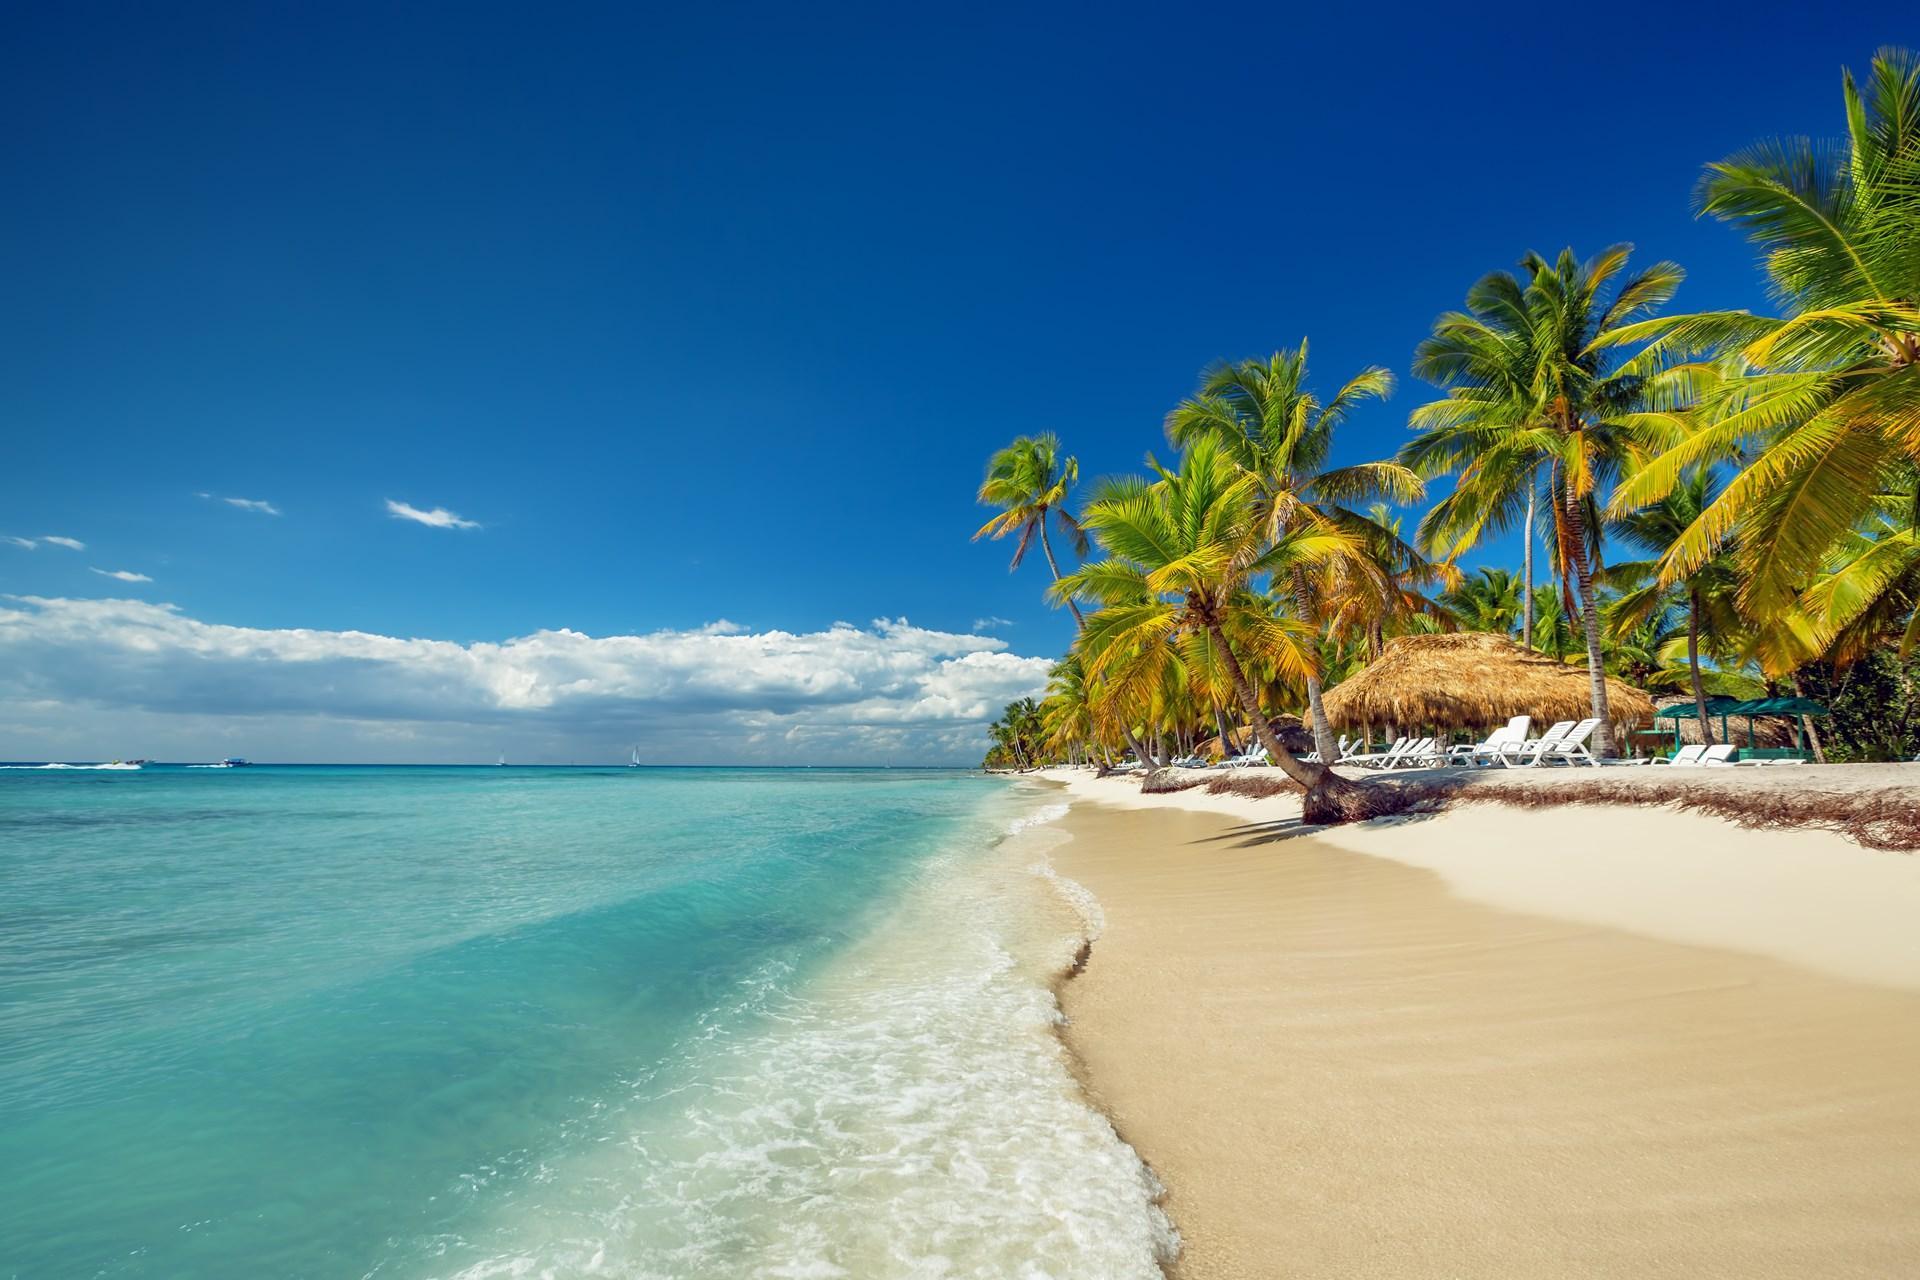 Goedkope vakantie Punta Cana - Reizen naar Punta Cana | TUI